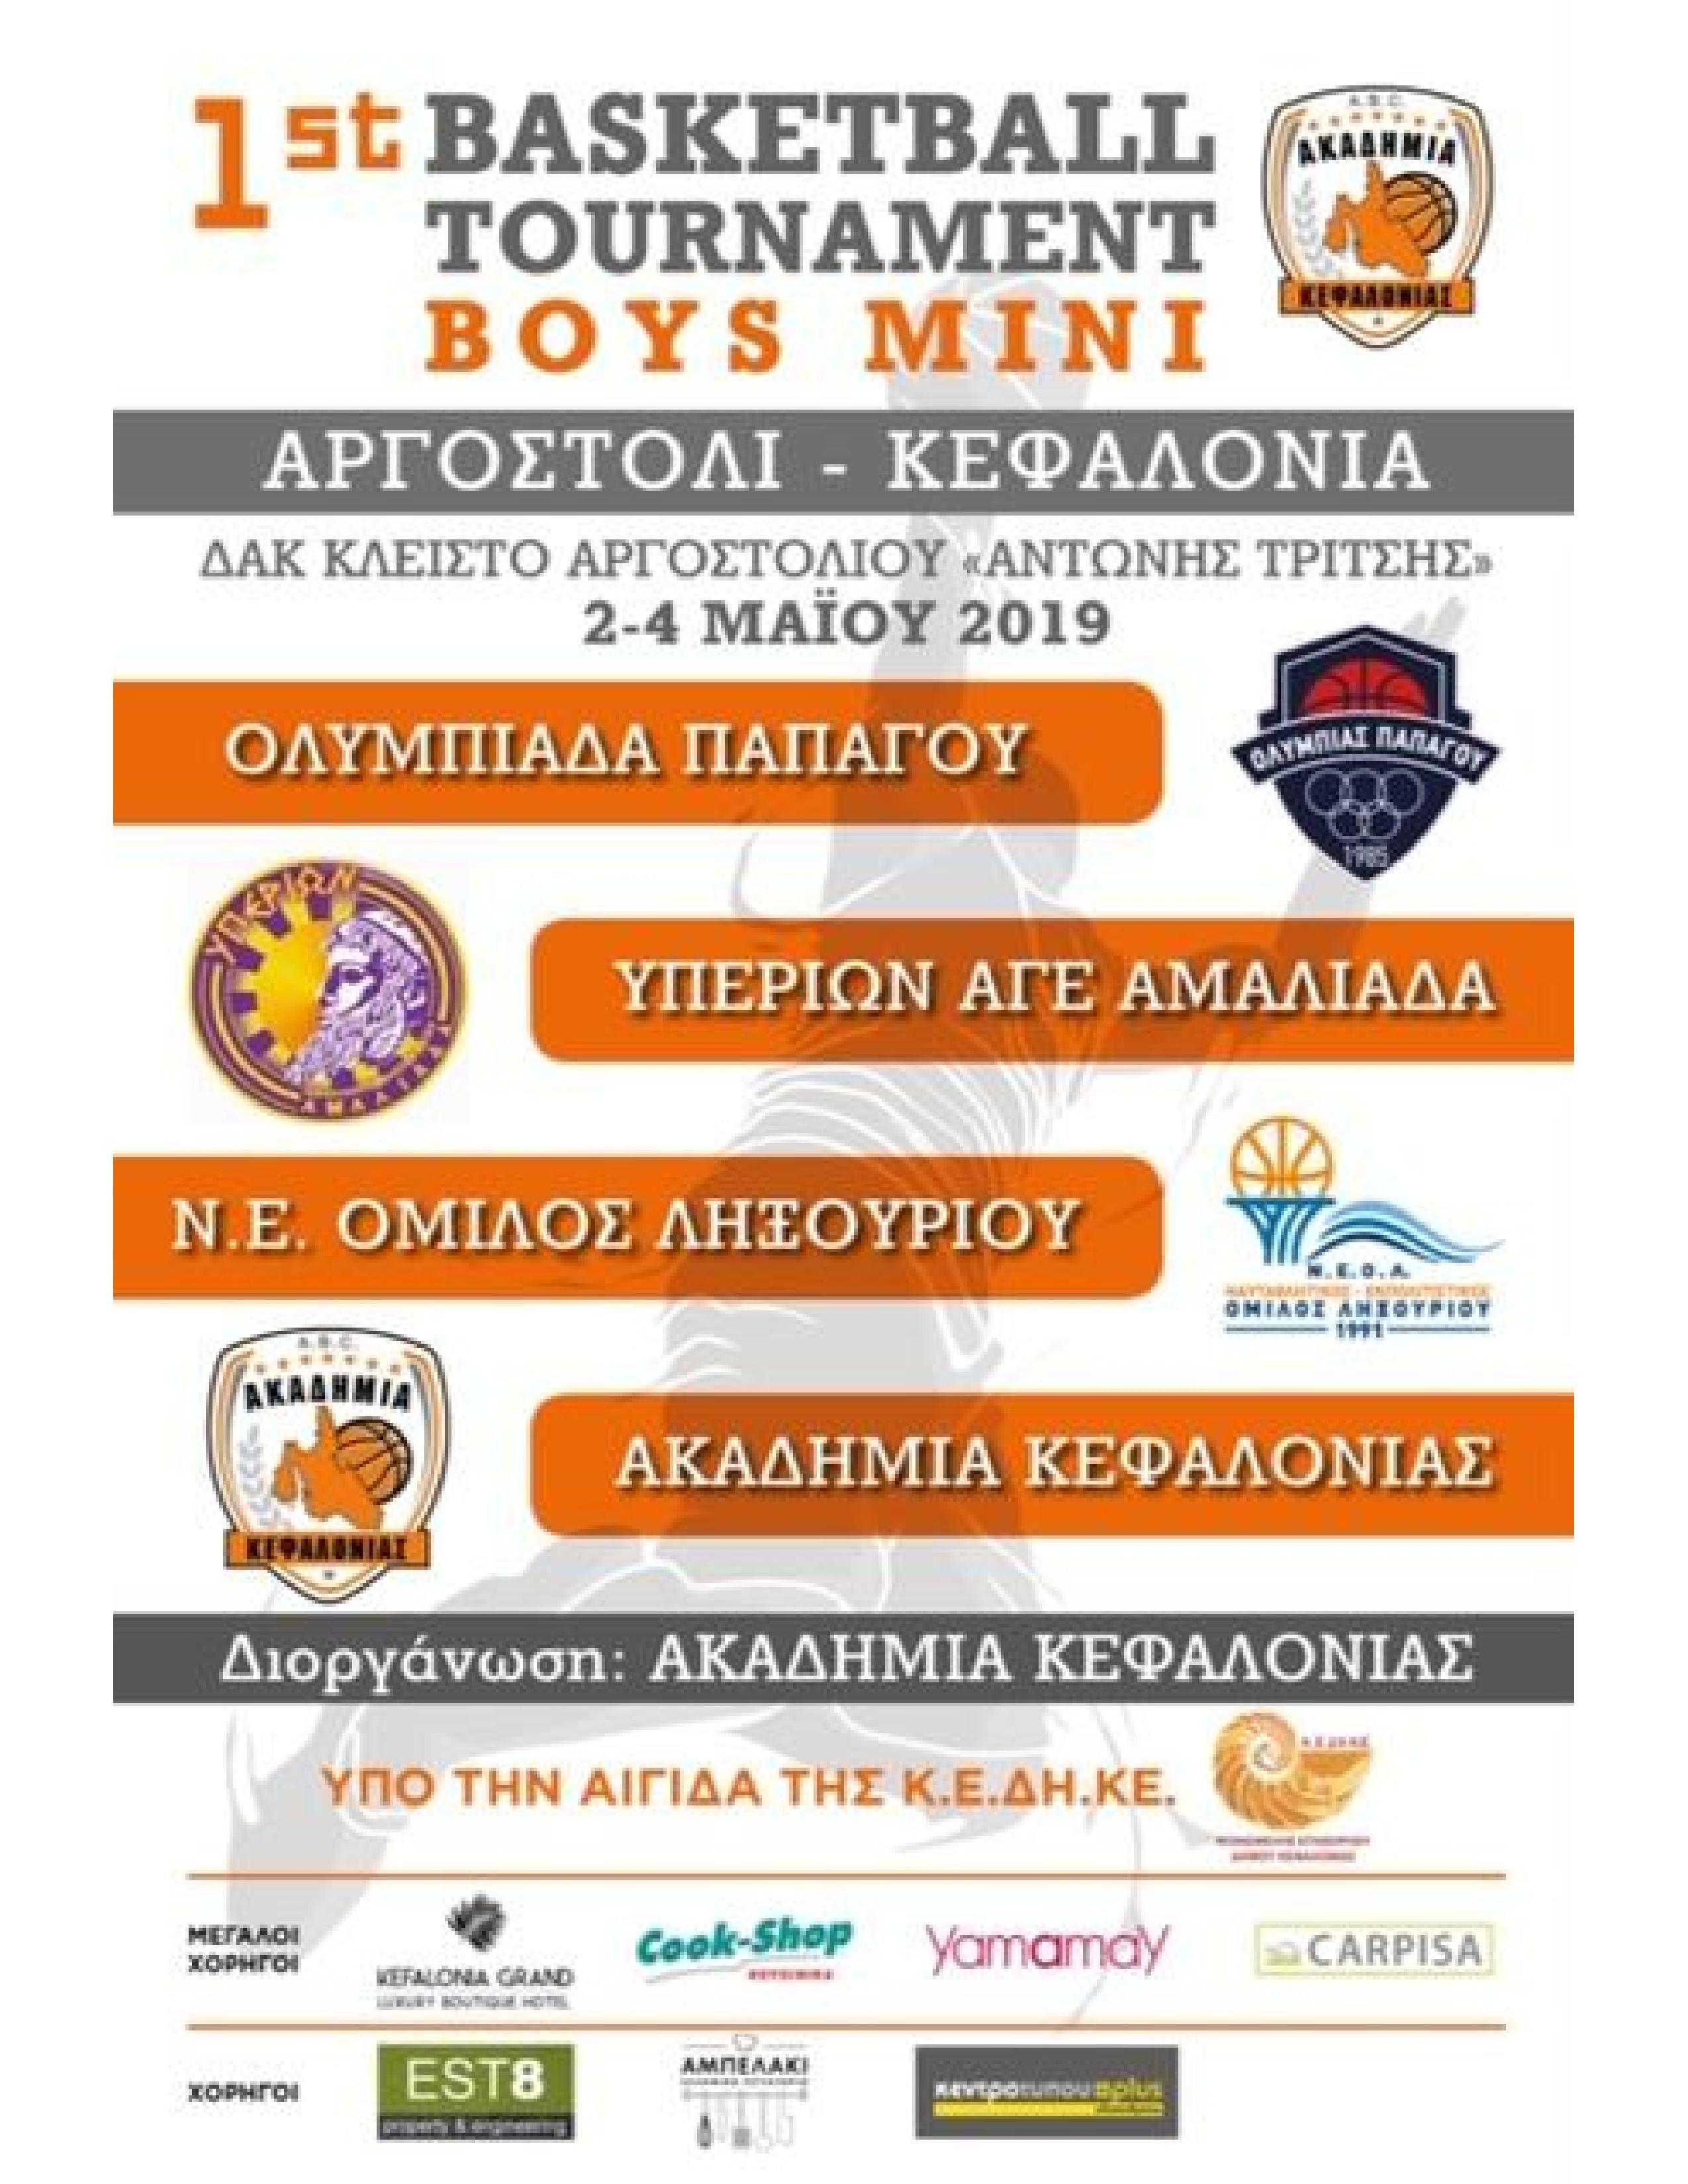 d6f7ac9e709 ΑΚΑΔΗΜΙΑ ΚΕΦΑΛΟΝΙΑΣ: 1η Διοργάνωση Basketball Mini Boys 2019 ...